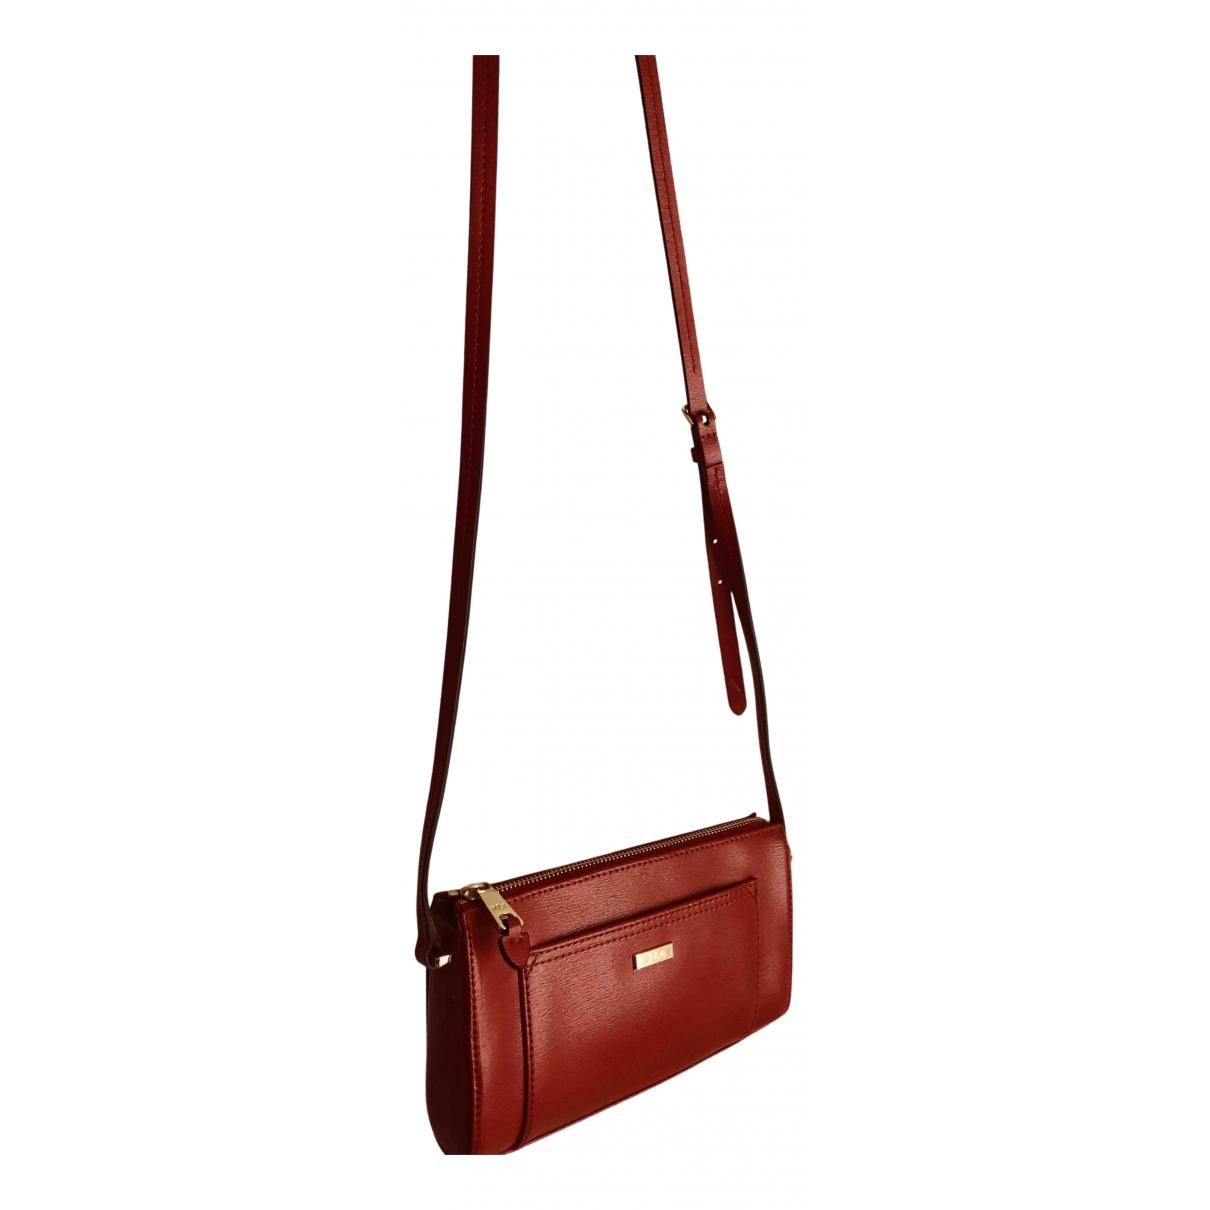 Lauren Ralph Lauren N Red Leather handbag for Women N